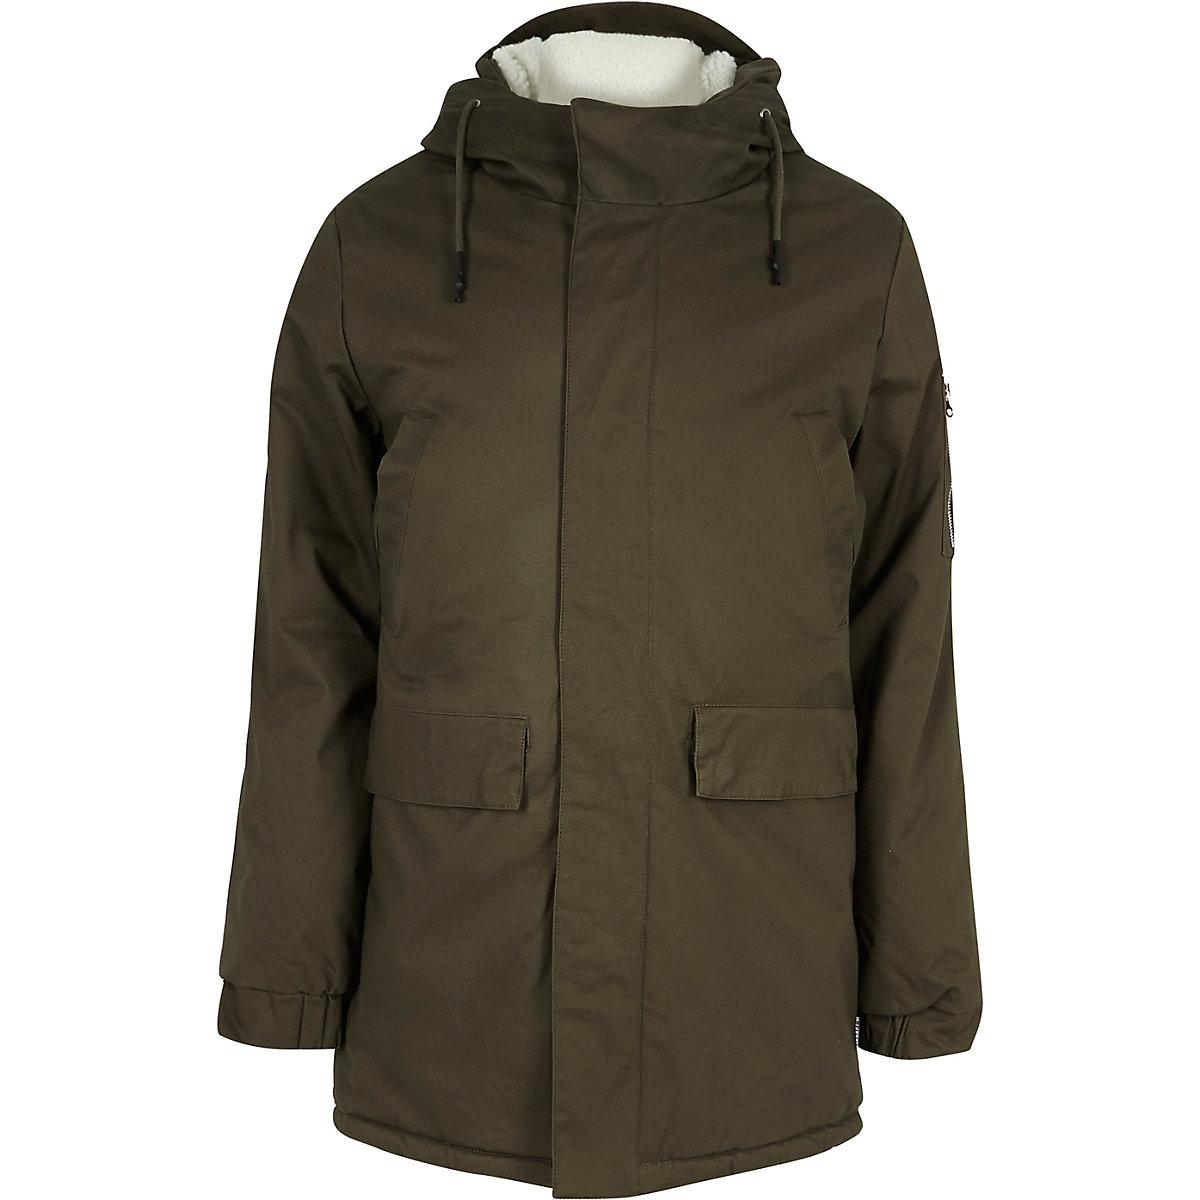 Khaki fleece lined hooded coat